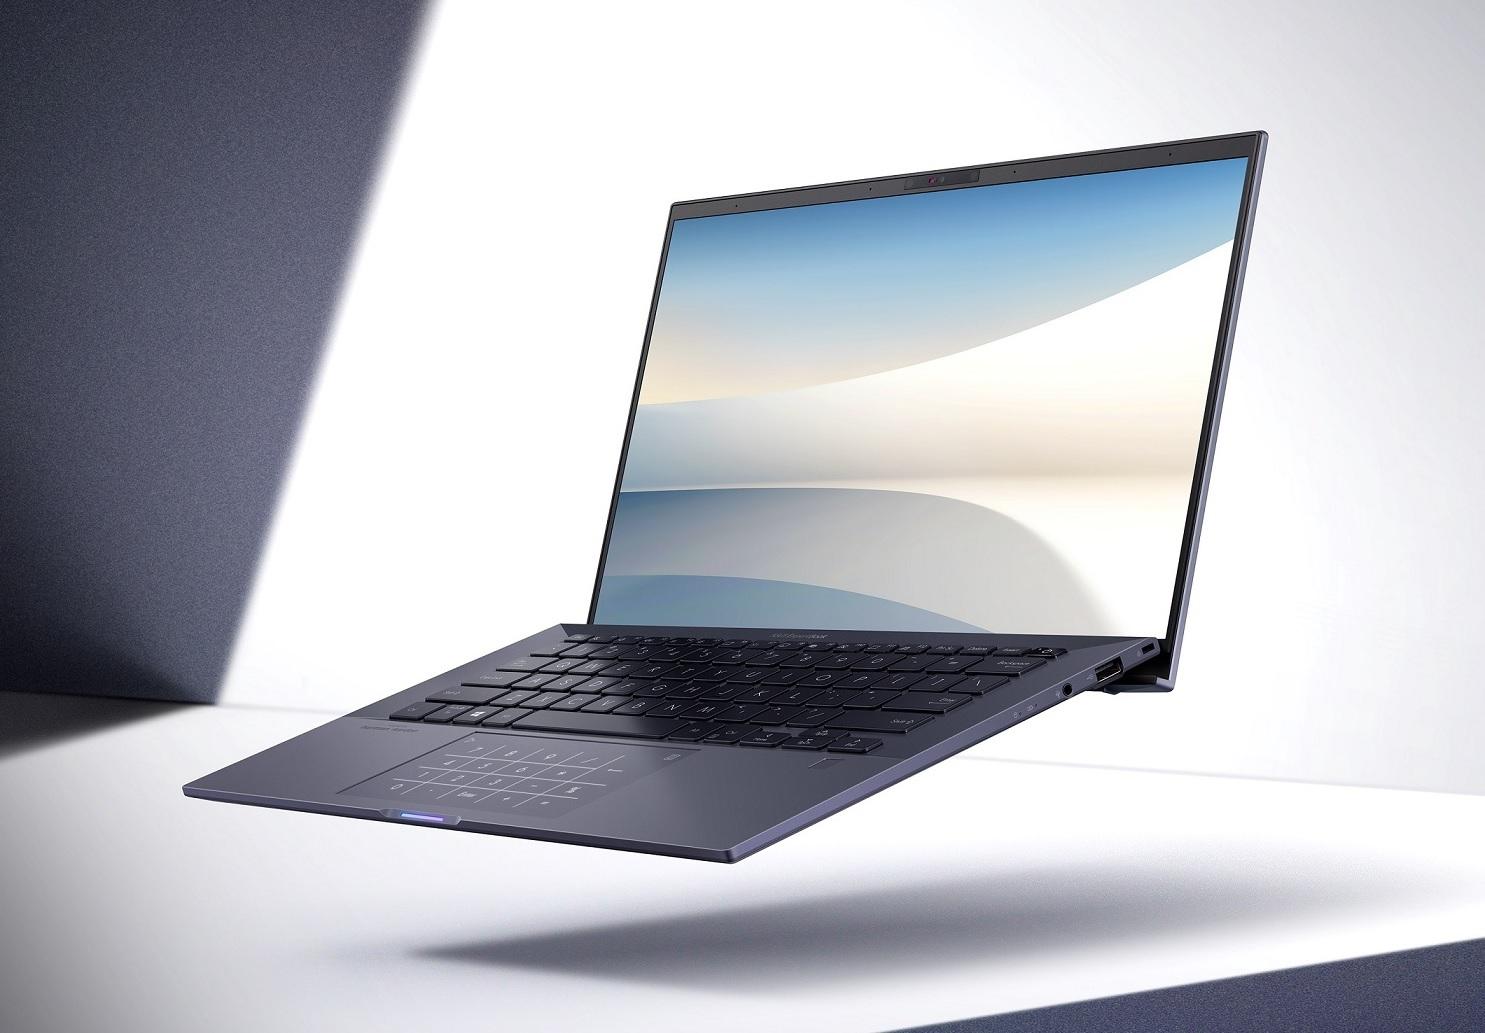 14吋商用筆電 ASUS ExpertBook B9搶先在台上市,其集結輕薄機身、絕佳電池續航、極致效能與堅固強韌等優點,將商用筆記型電腦推升至嶄新境界。